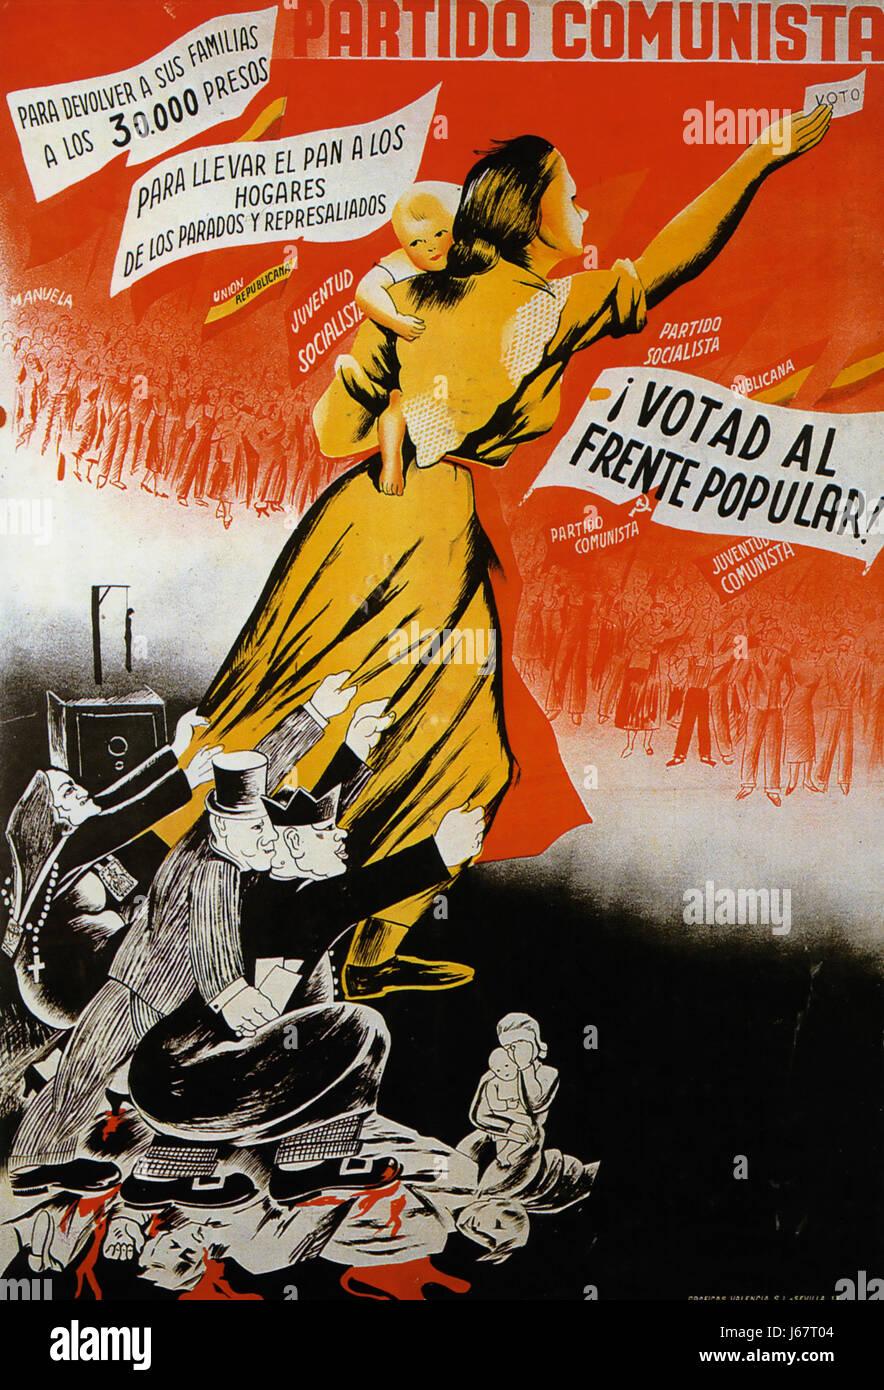 Guerra civile spagnola poster comunista per il 1936 elezioni di febbraio invitando la gente a votare per il fronte Immagini Stock